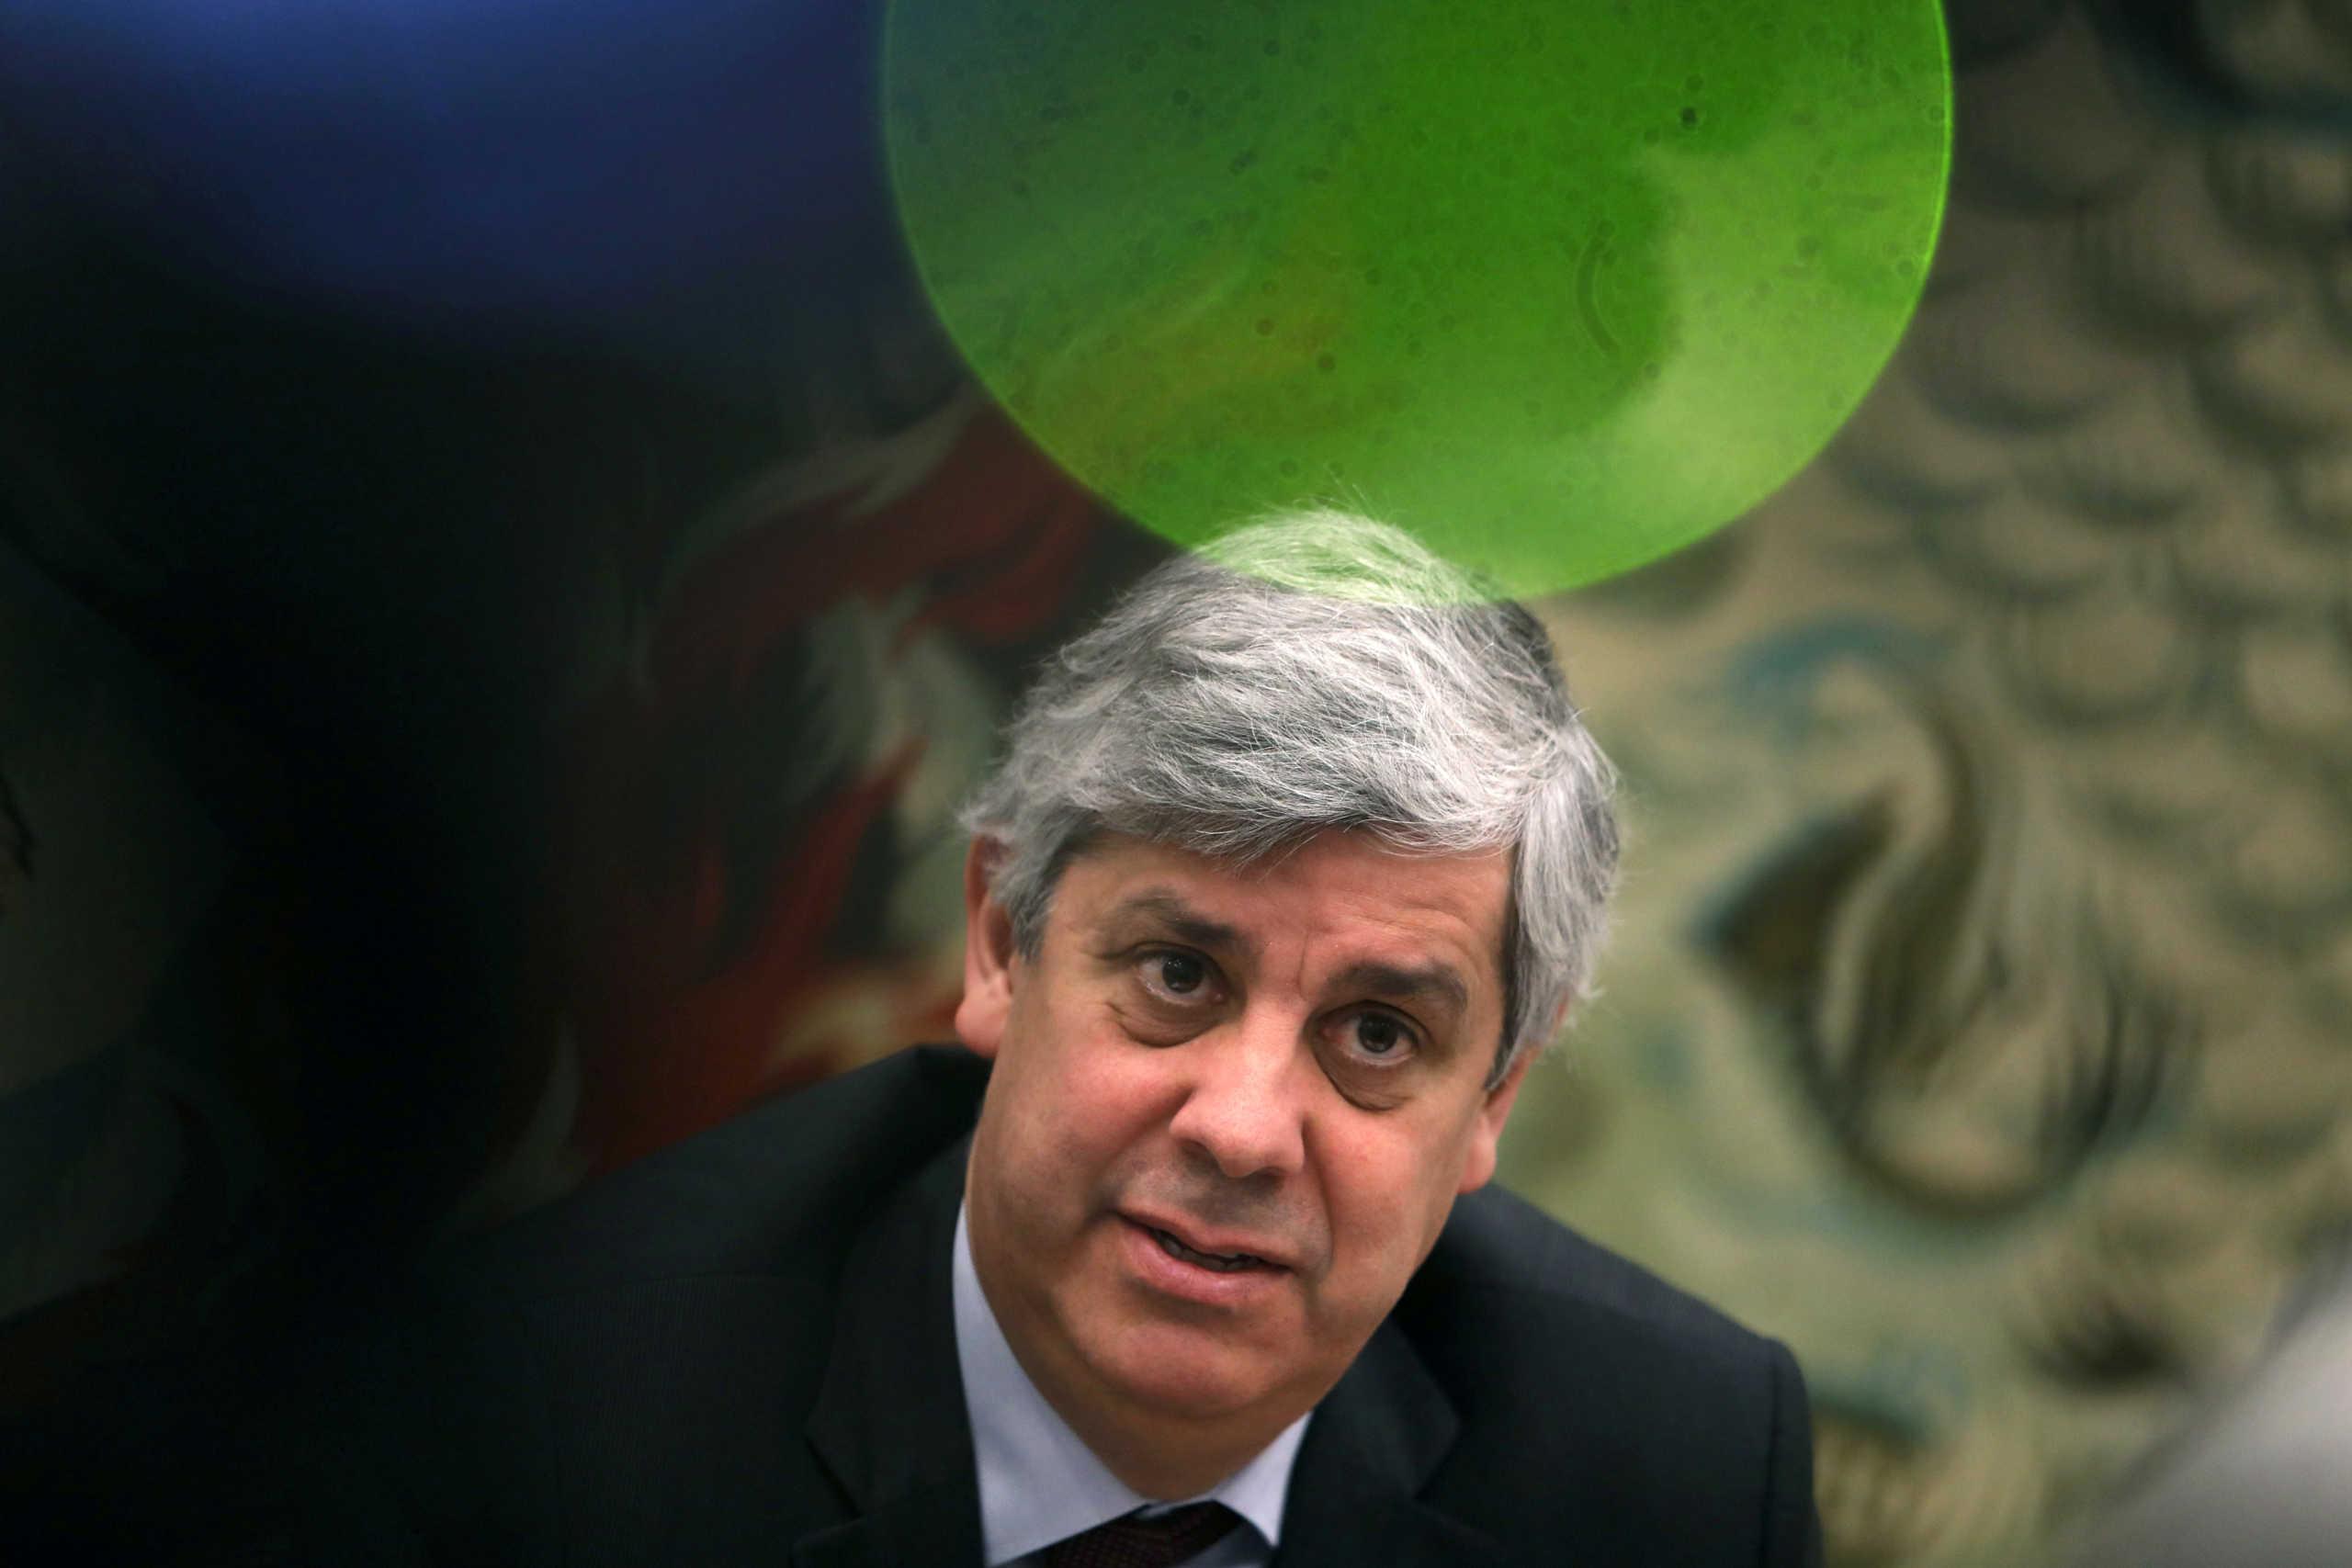 Πρόεδρος Eurogroup για κορονοϊό: Είμαστε σε πόλεμο